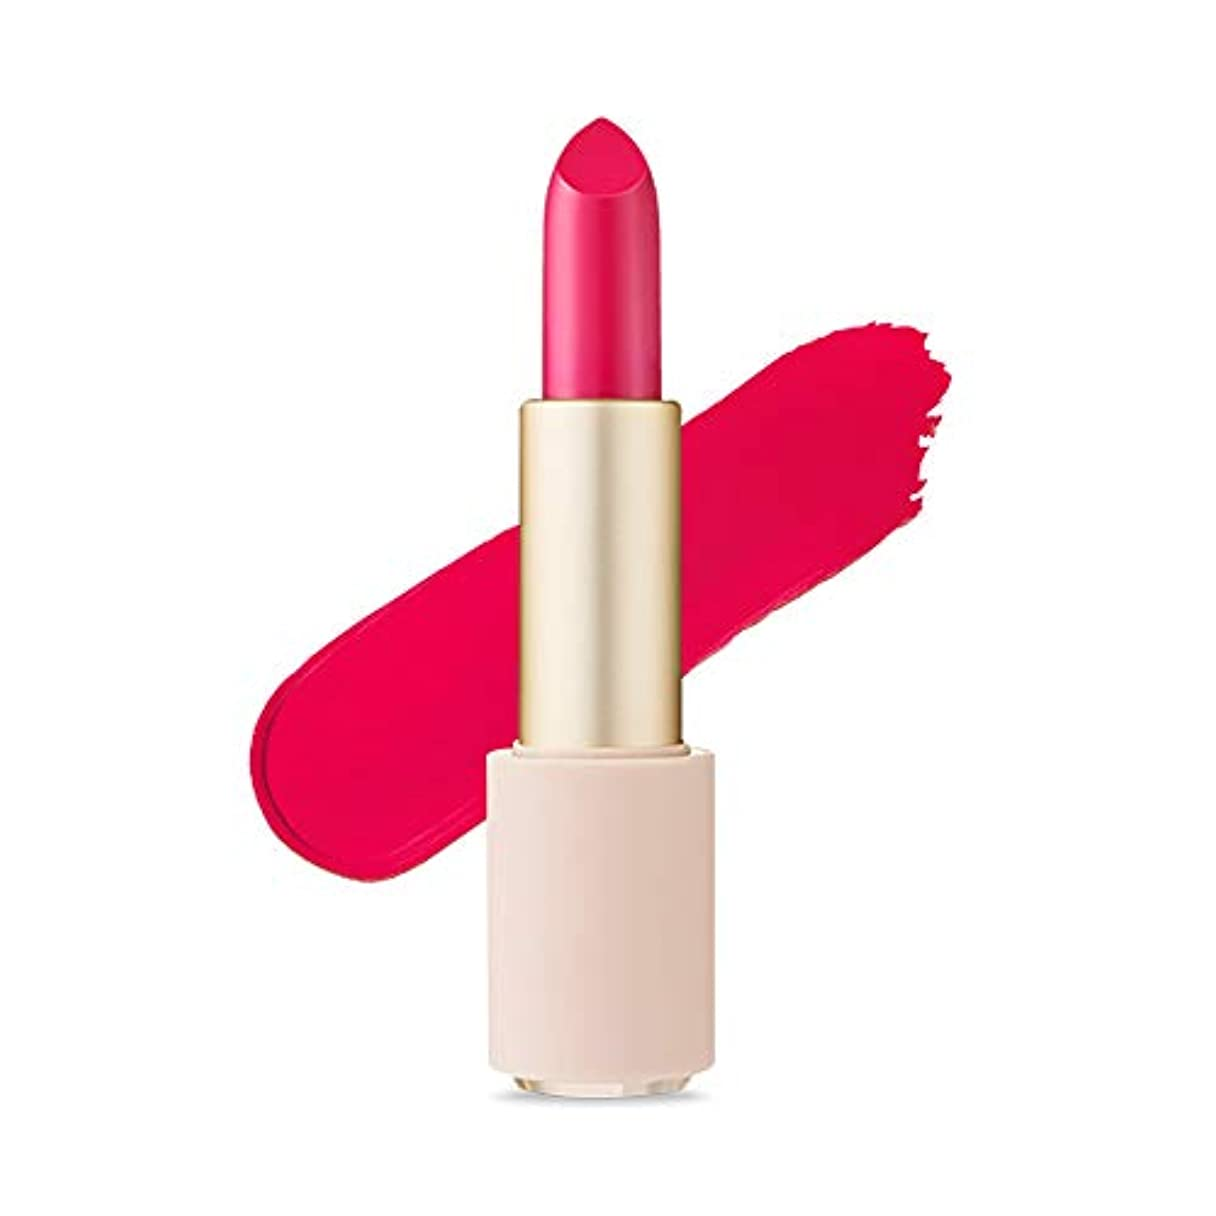 変換する消える慣性Etude House Better Lips Talk Velvet エチュードハウス ベター リップス - トーク ベルベット (# PK005 Push Fuchsia) [並行輸入品]